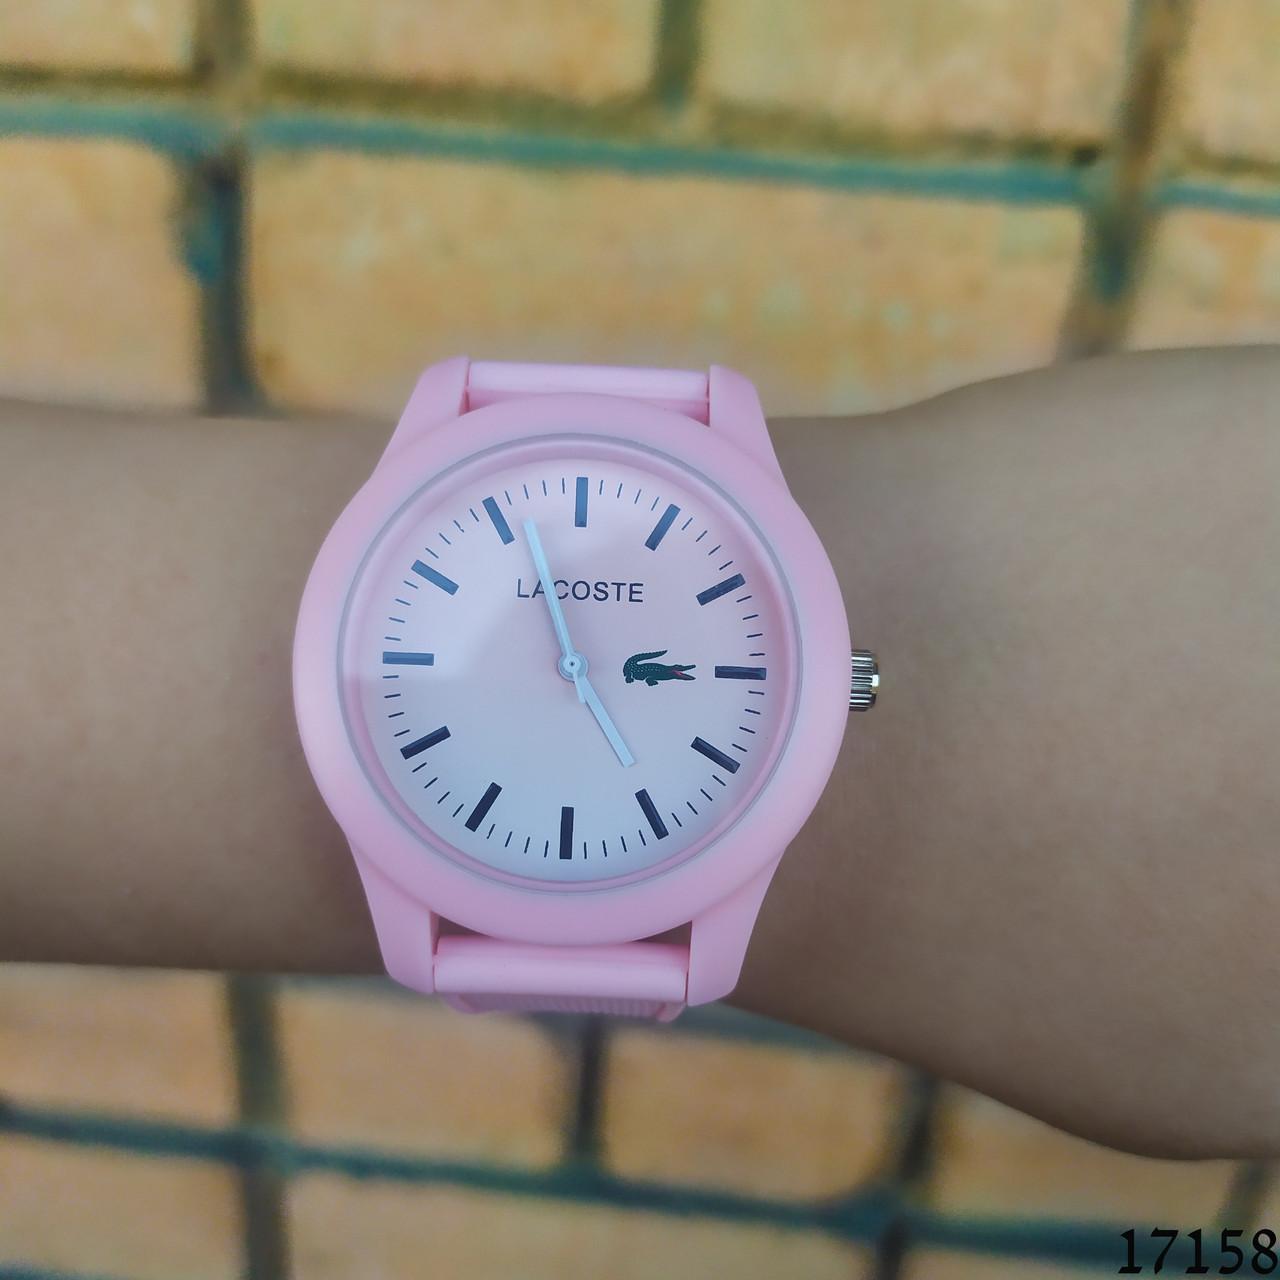 Женские наручные часы пудровые в стиле Lacoste. Годинник наручний жіночий